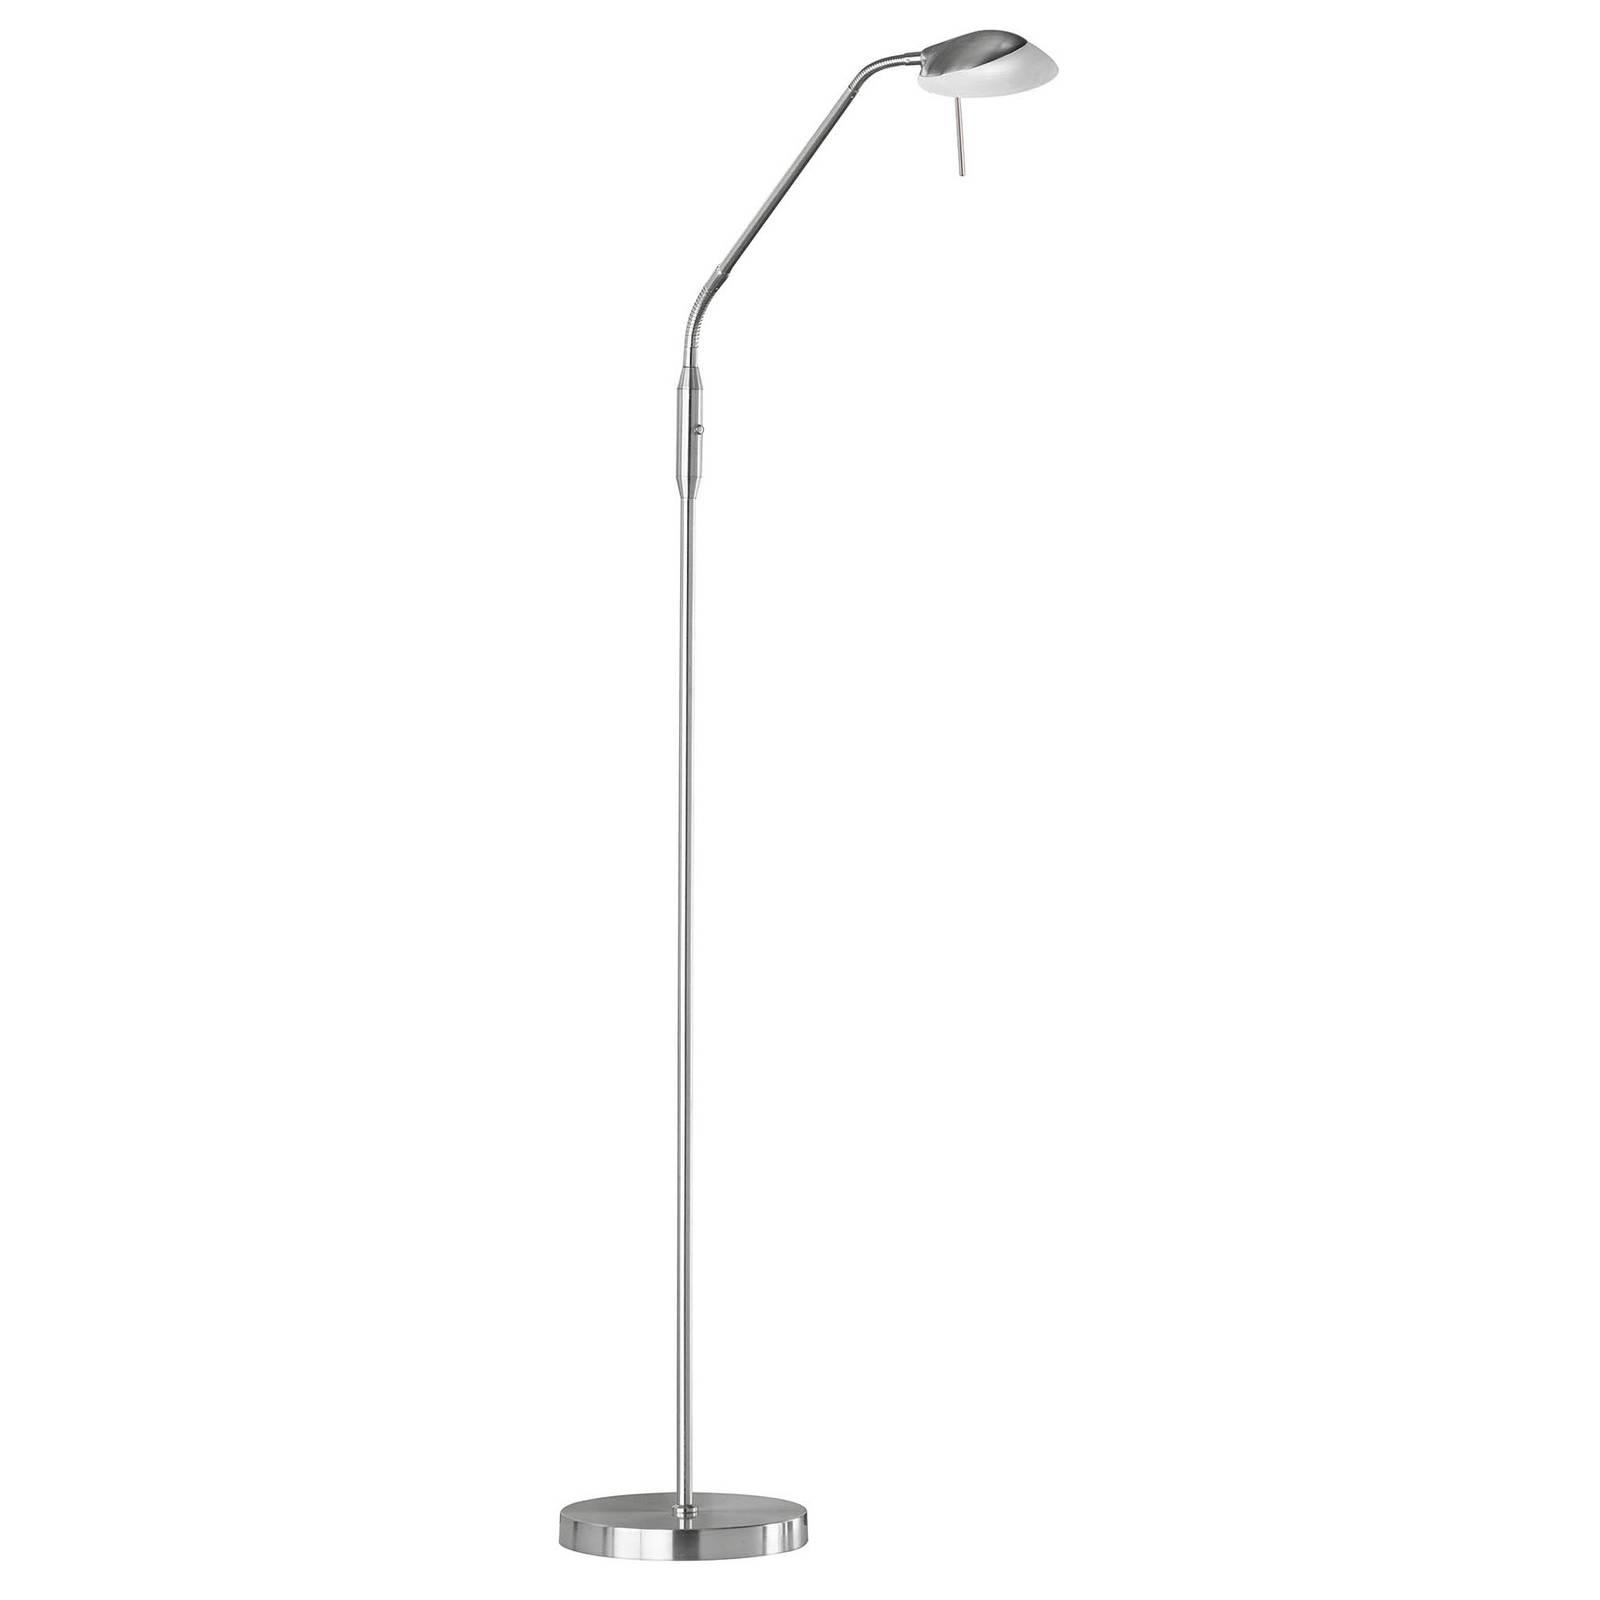 LED-lattiavalo Pool TW, yksilamppuinen, nikkeli